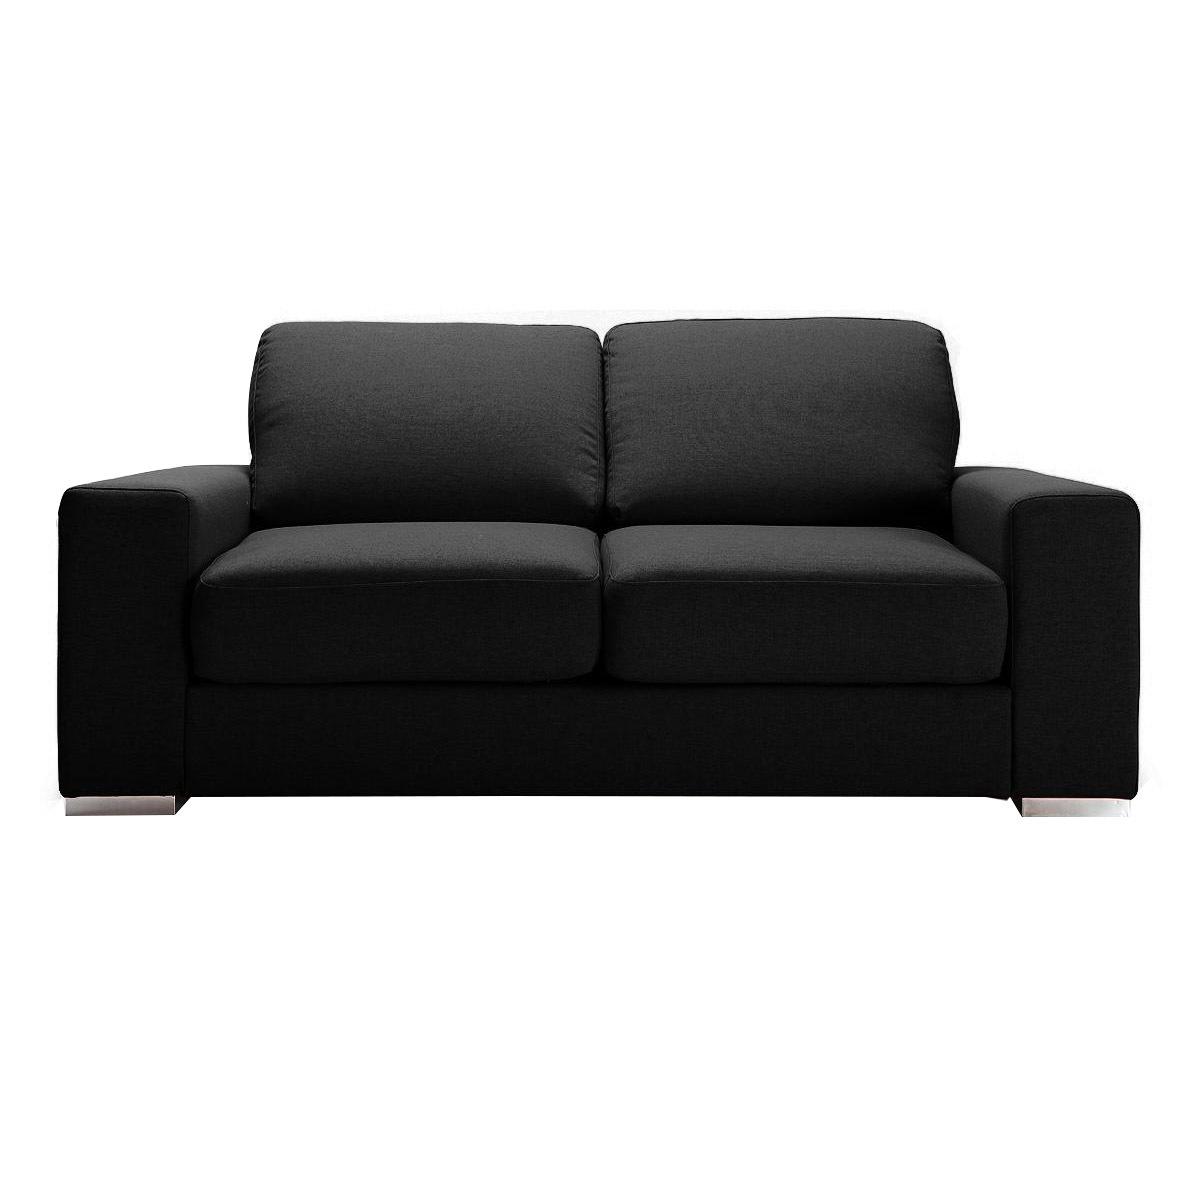 Divano convertibile design nero RAPIDO HAMILTON